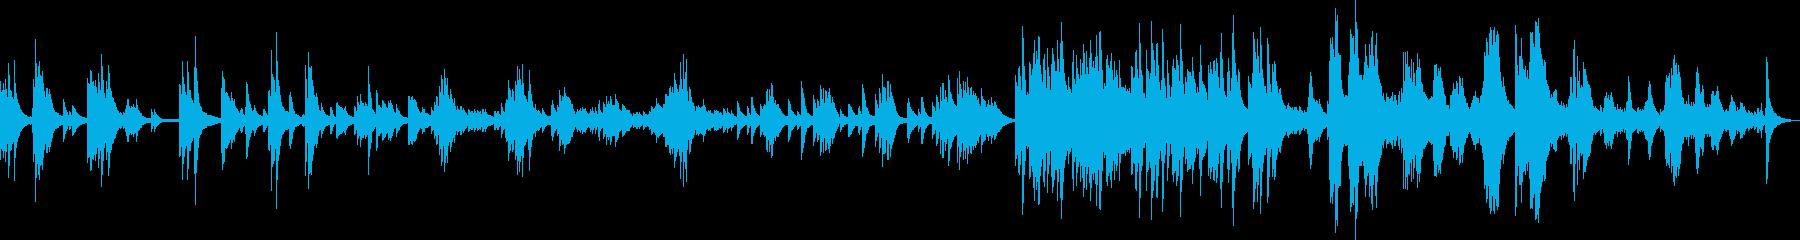 幻想的で少し切ないピアノバラードの再生済みの波形